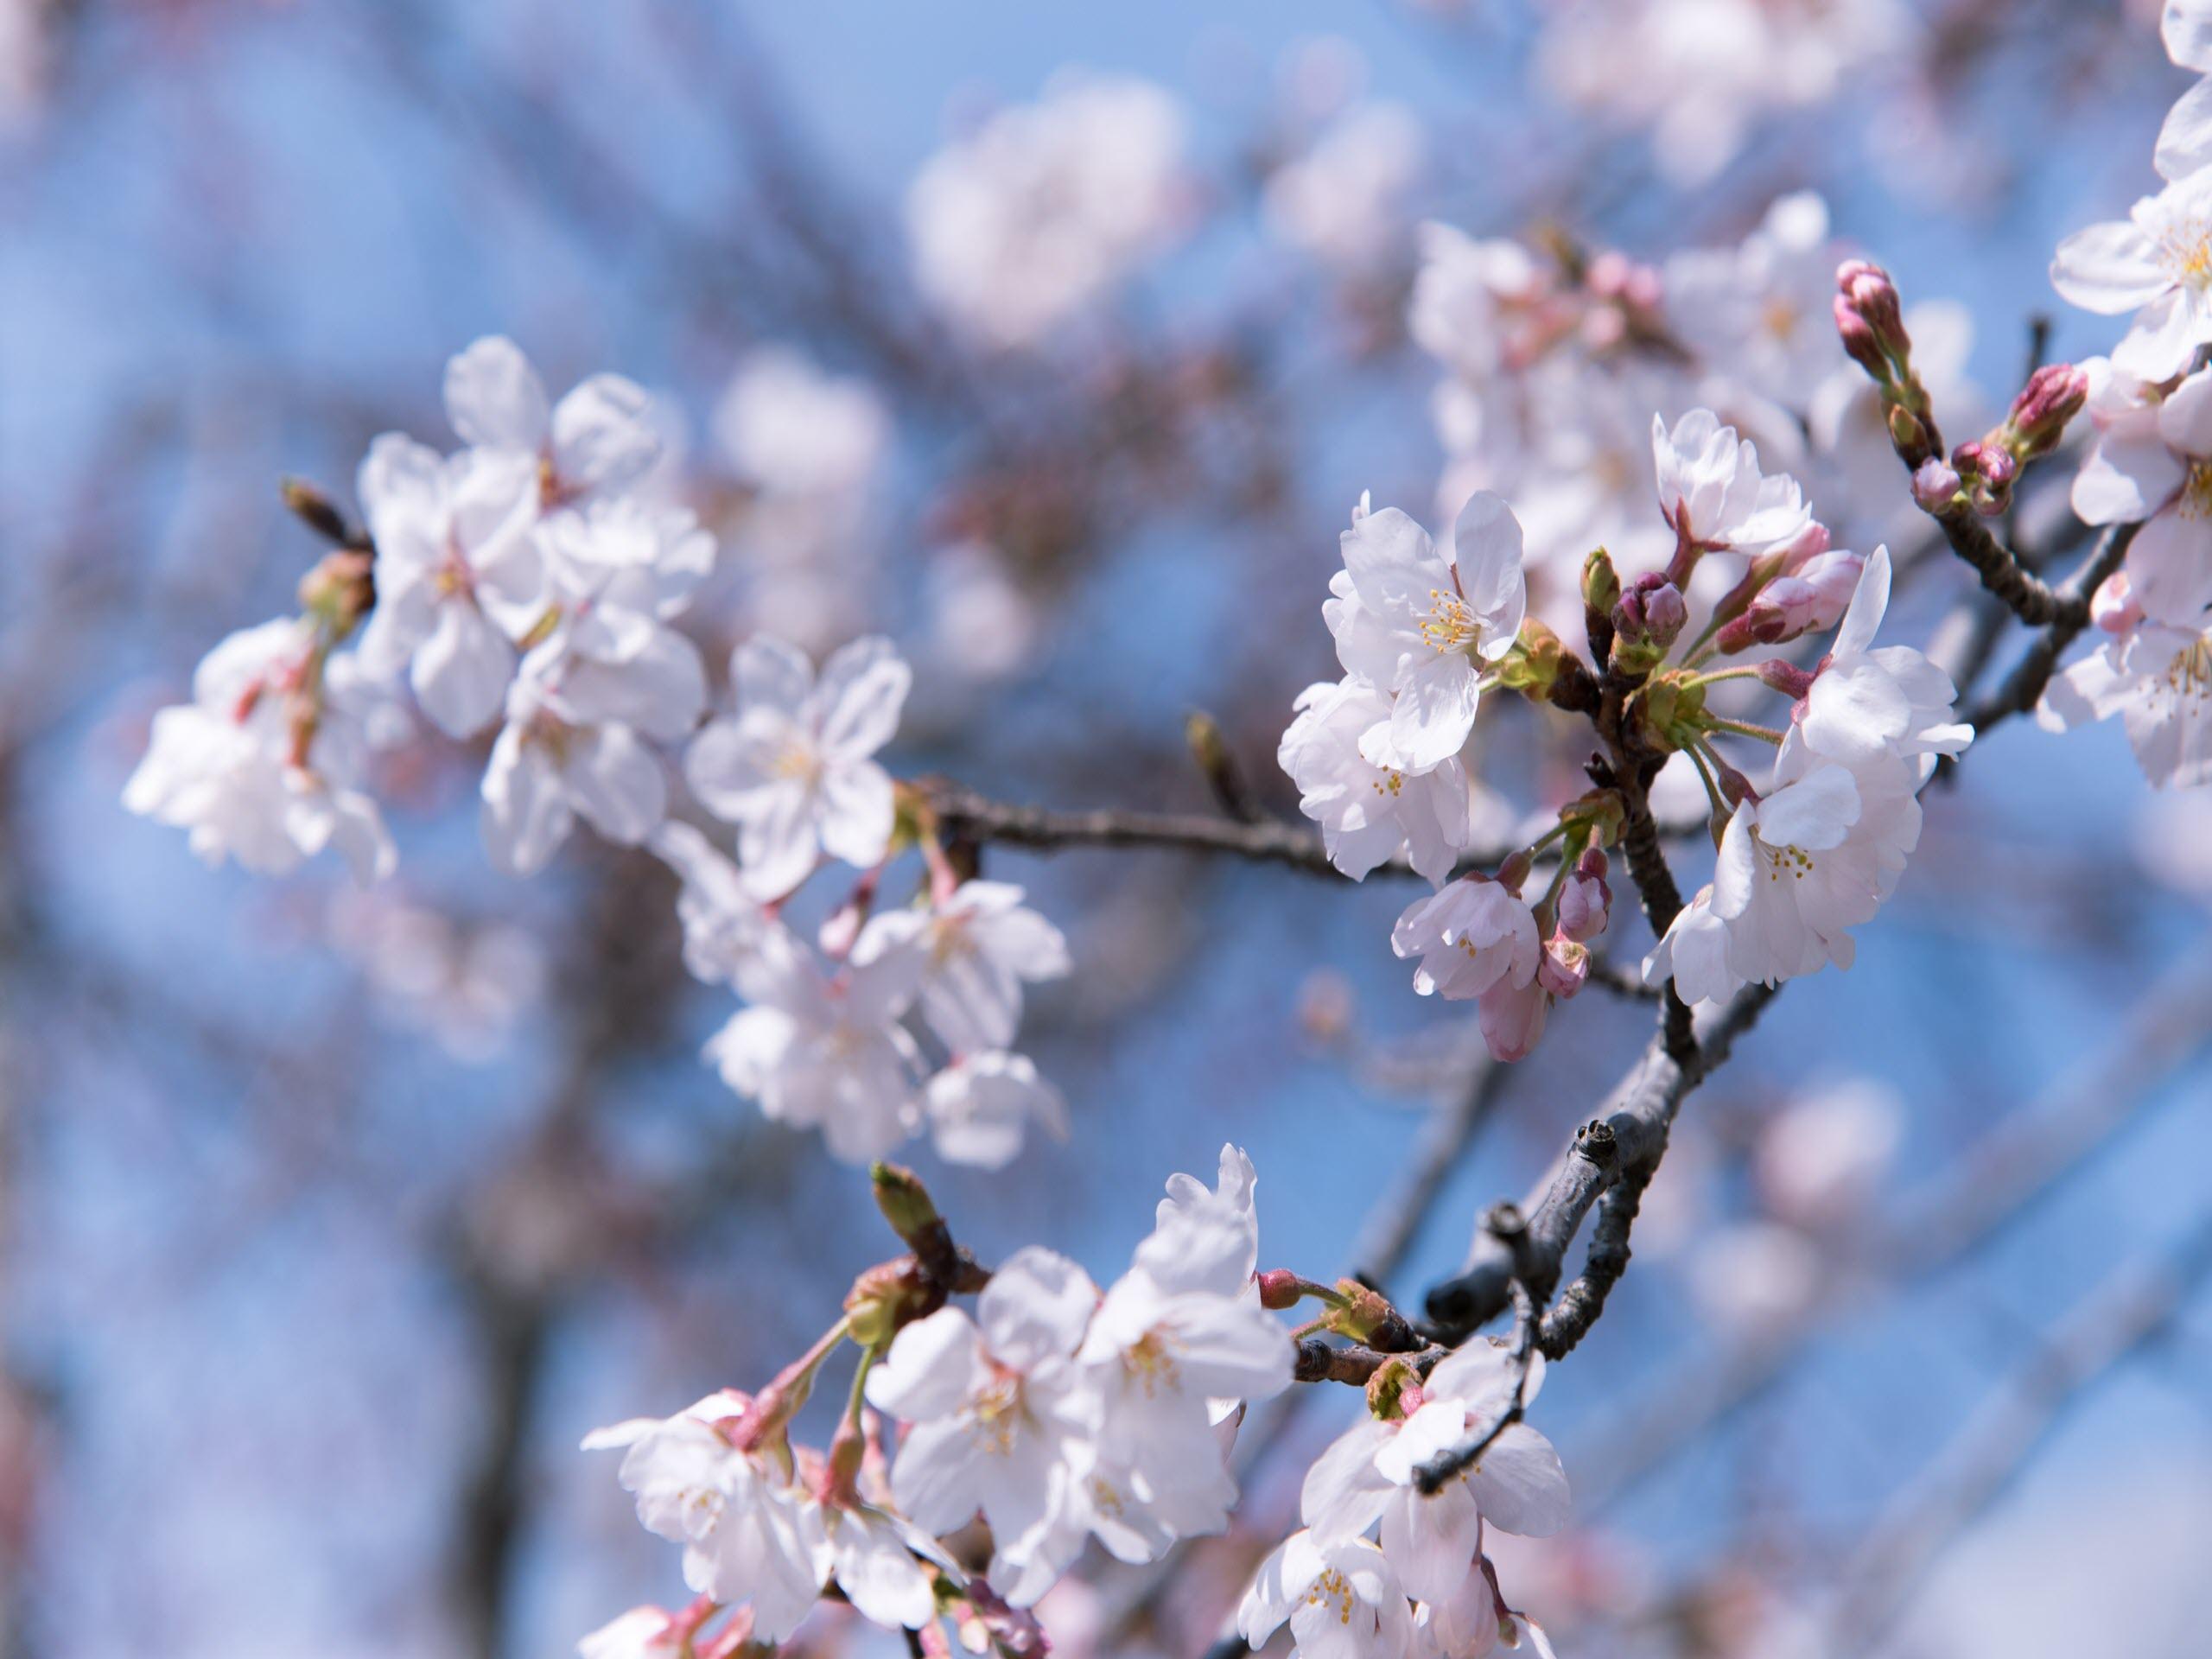 Hình nền hoa lá mùa xuân cực đẹp